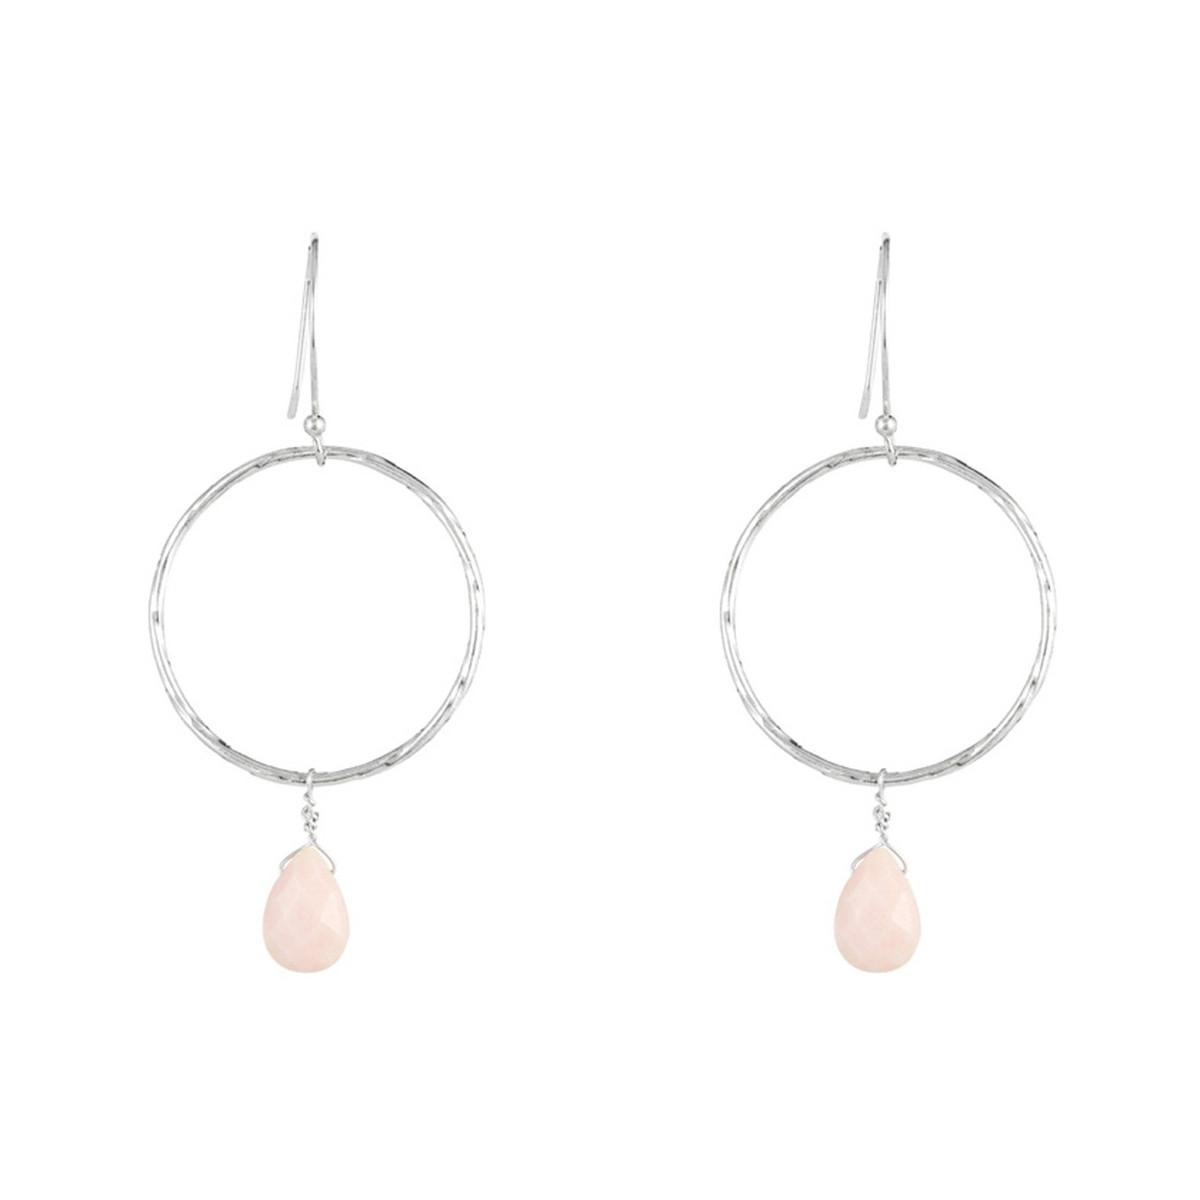 Boucles d'oreilles Noéllie Argenté et opal rose